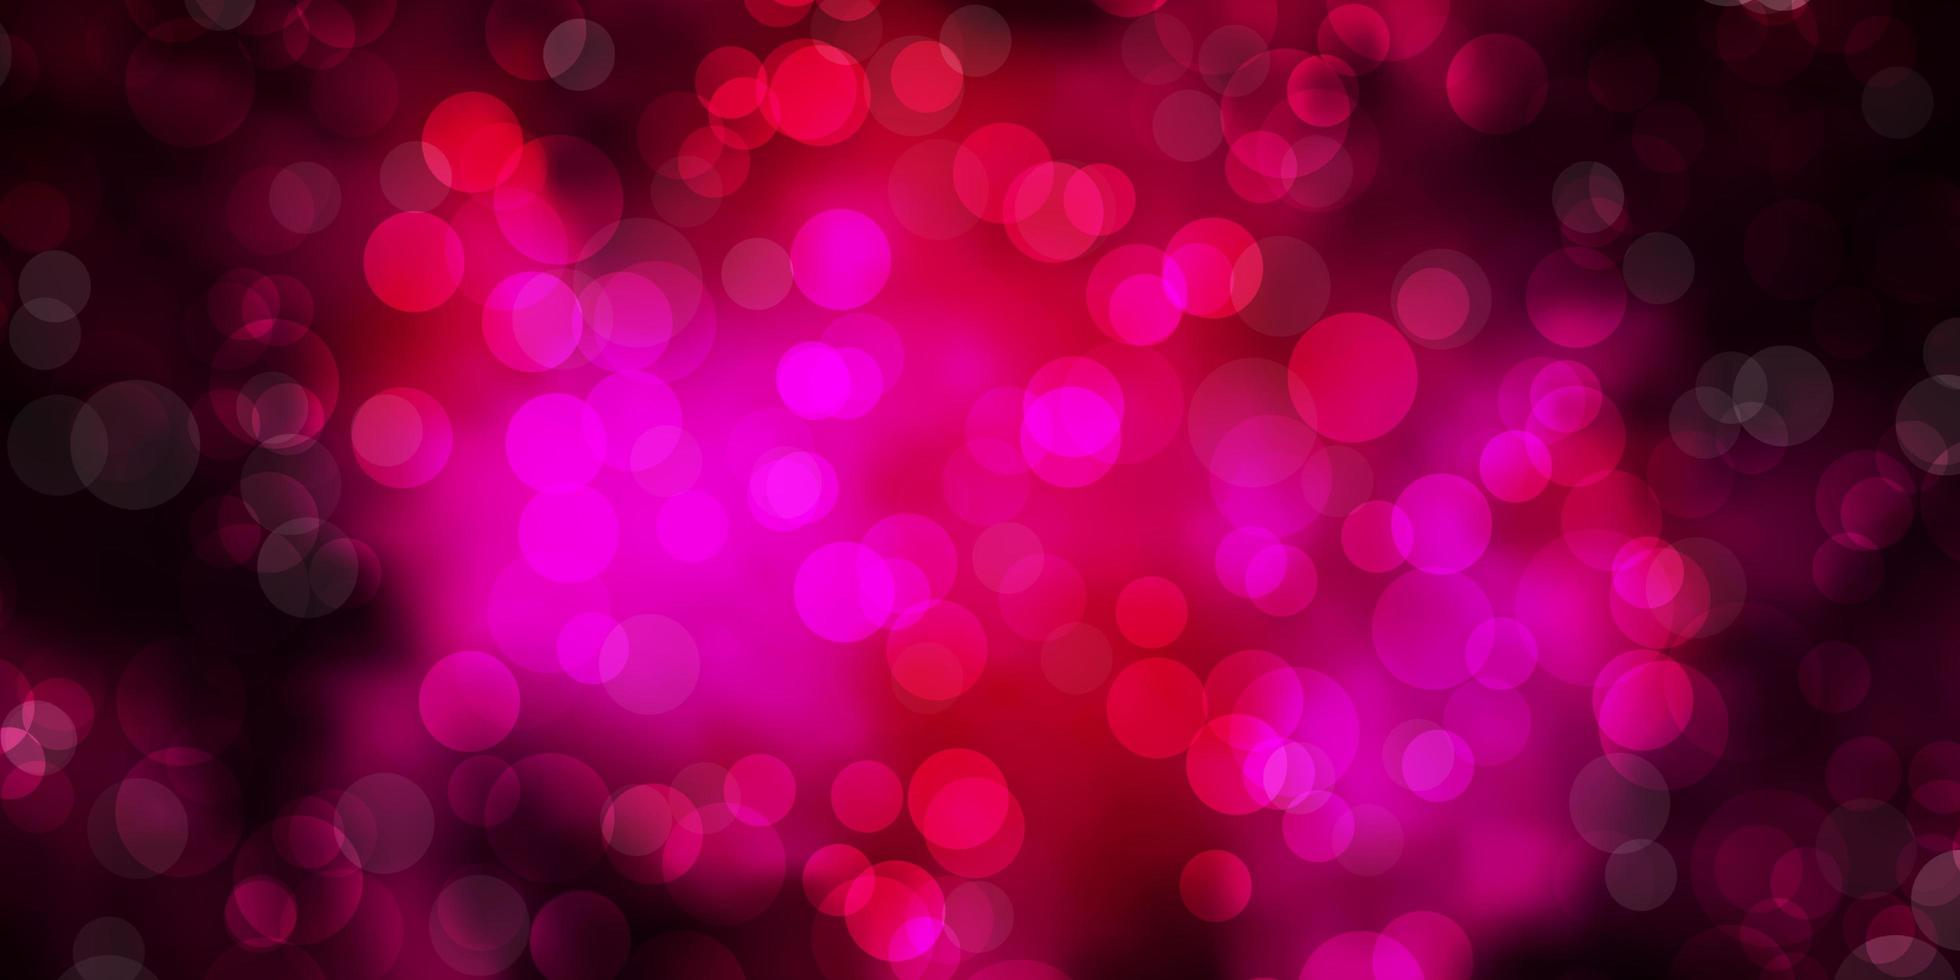 toile de fond de vecteur rose foncé avec des points.